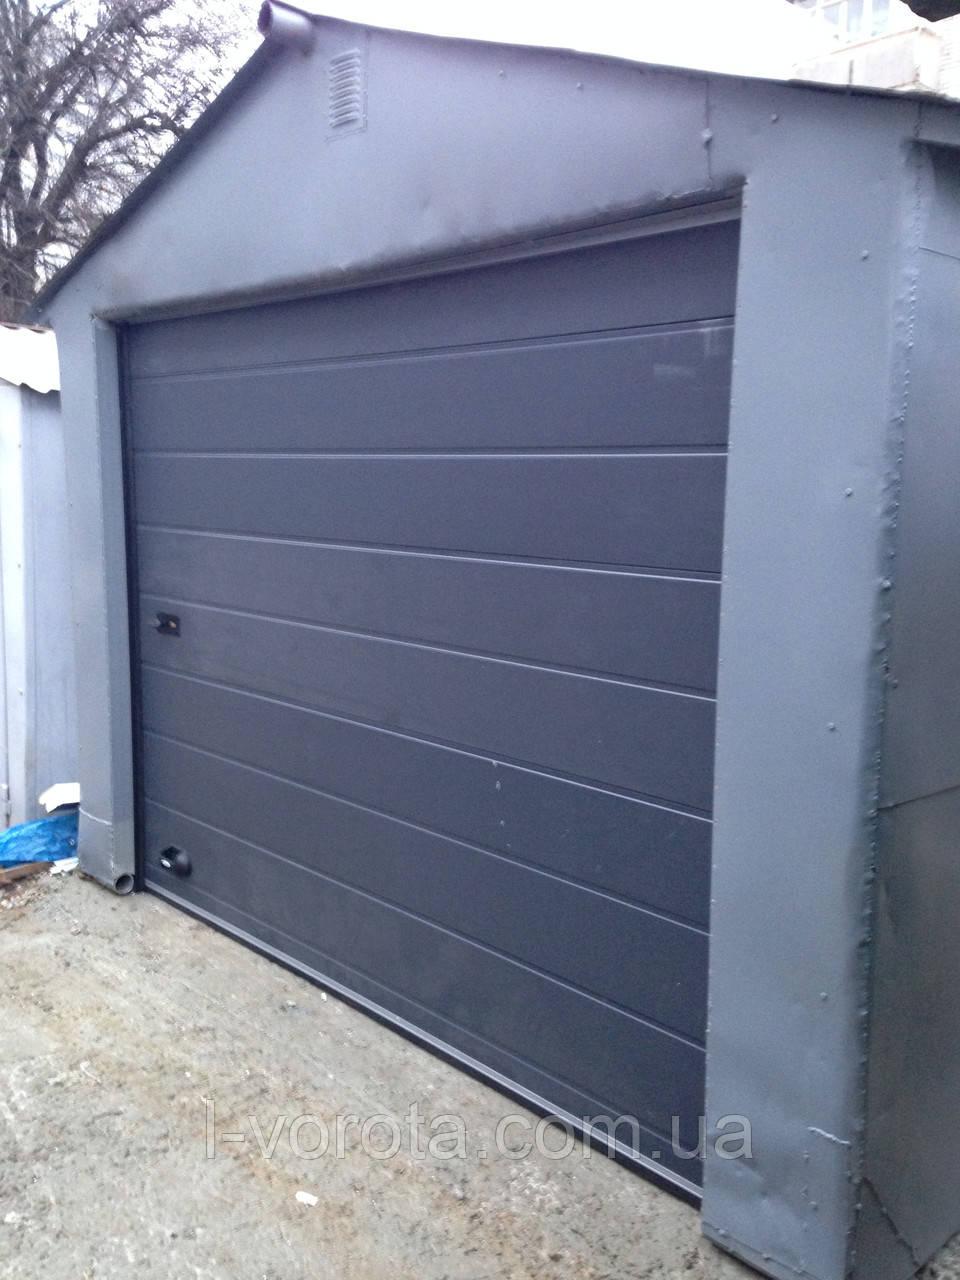 Гаражные секционные ворота DoorHan 2500 на 1900 (цвет сатингрей)